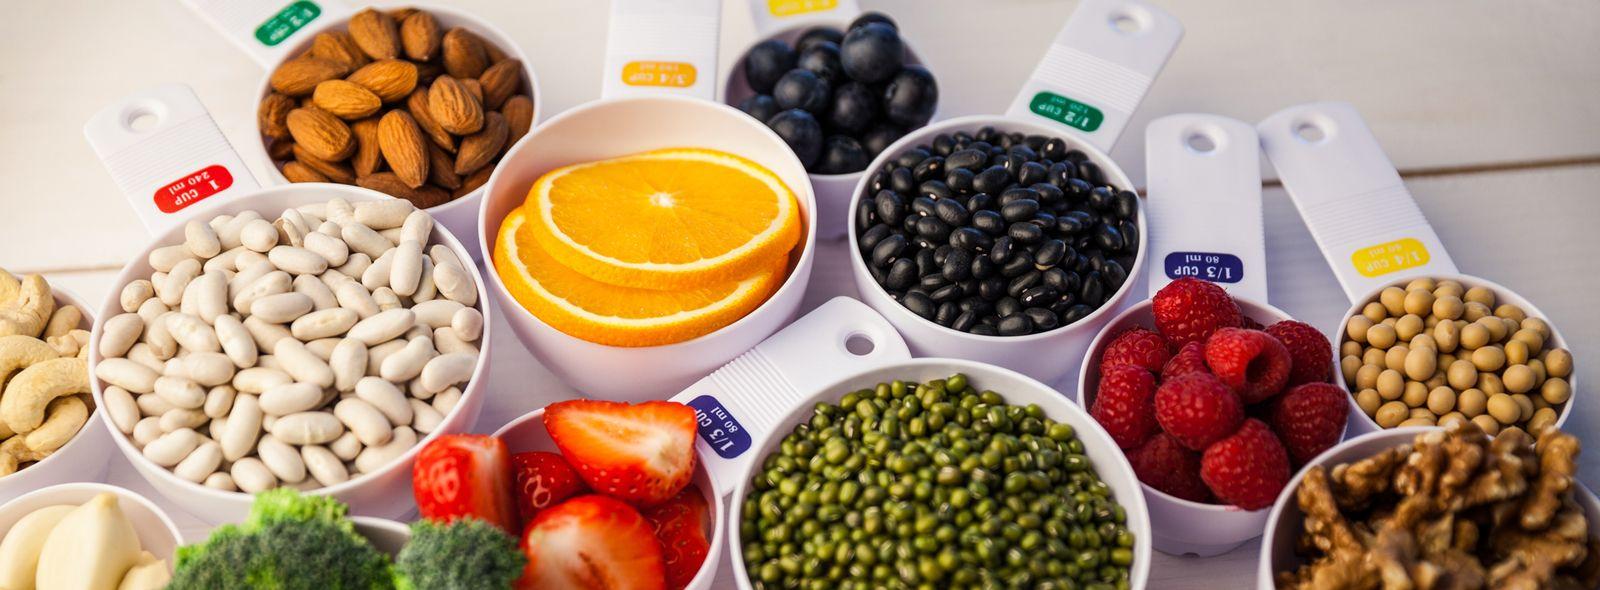 Come Organizzare I Pasti Settimanali come organizzare il menu settimanale della famiglia | trovami